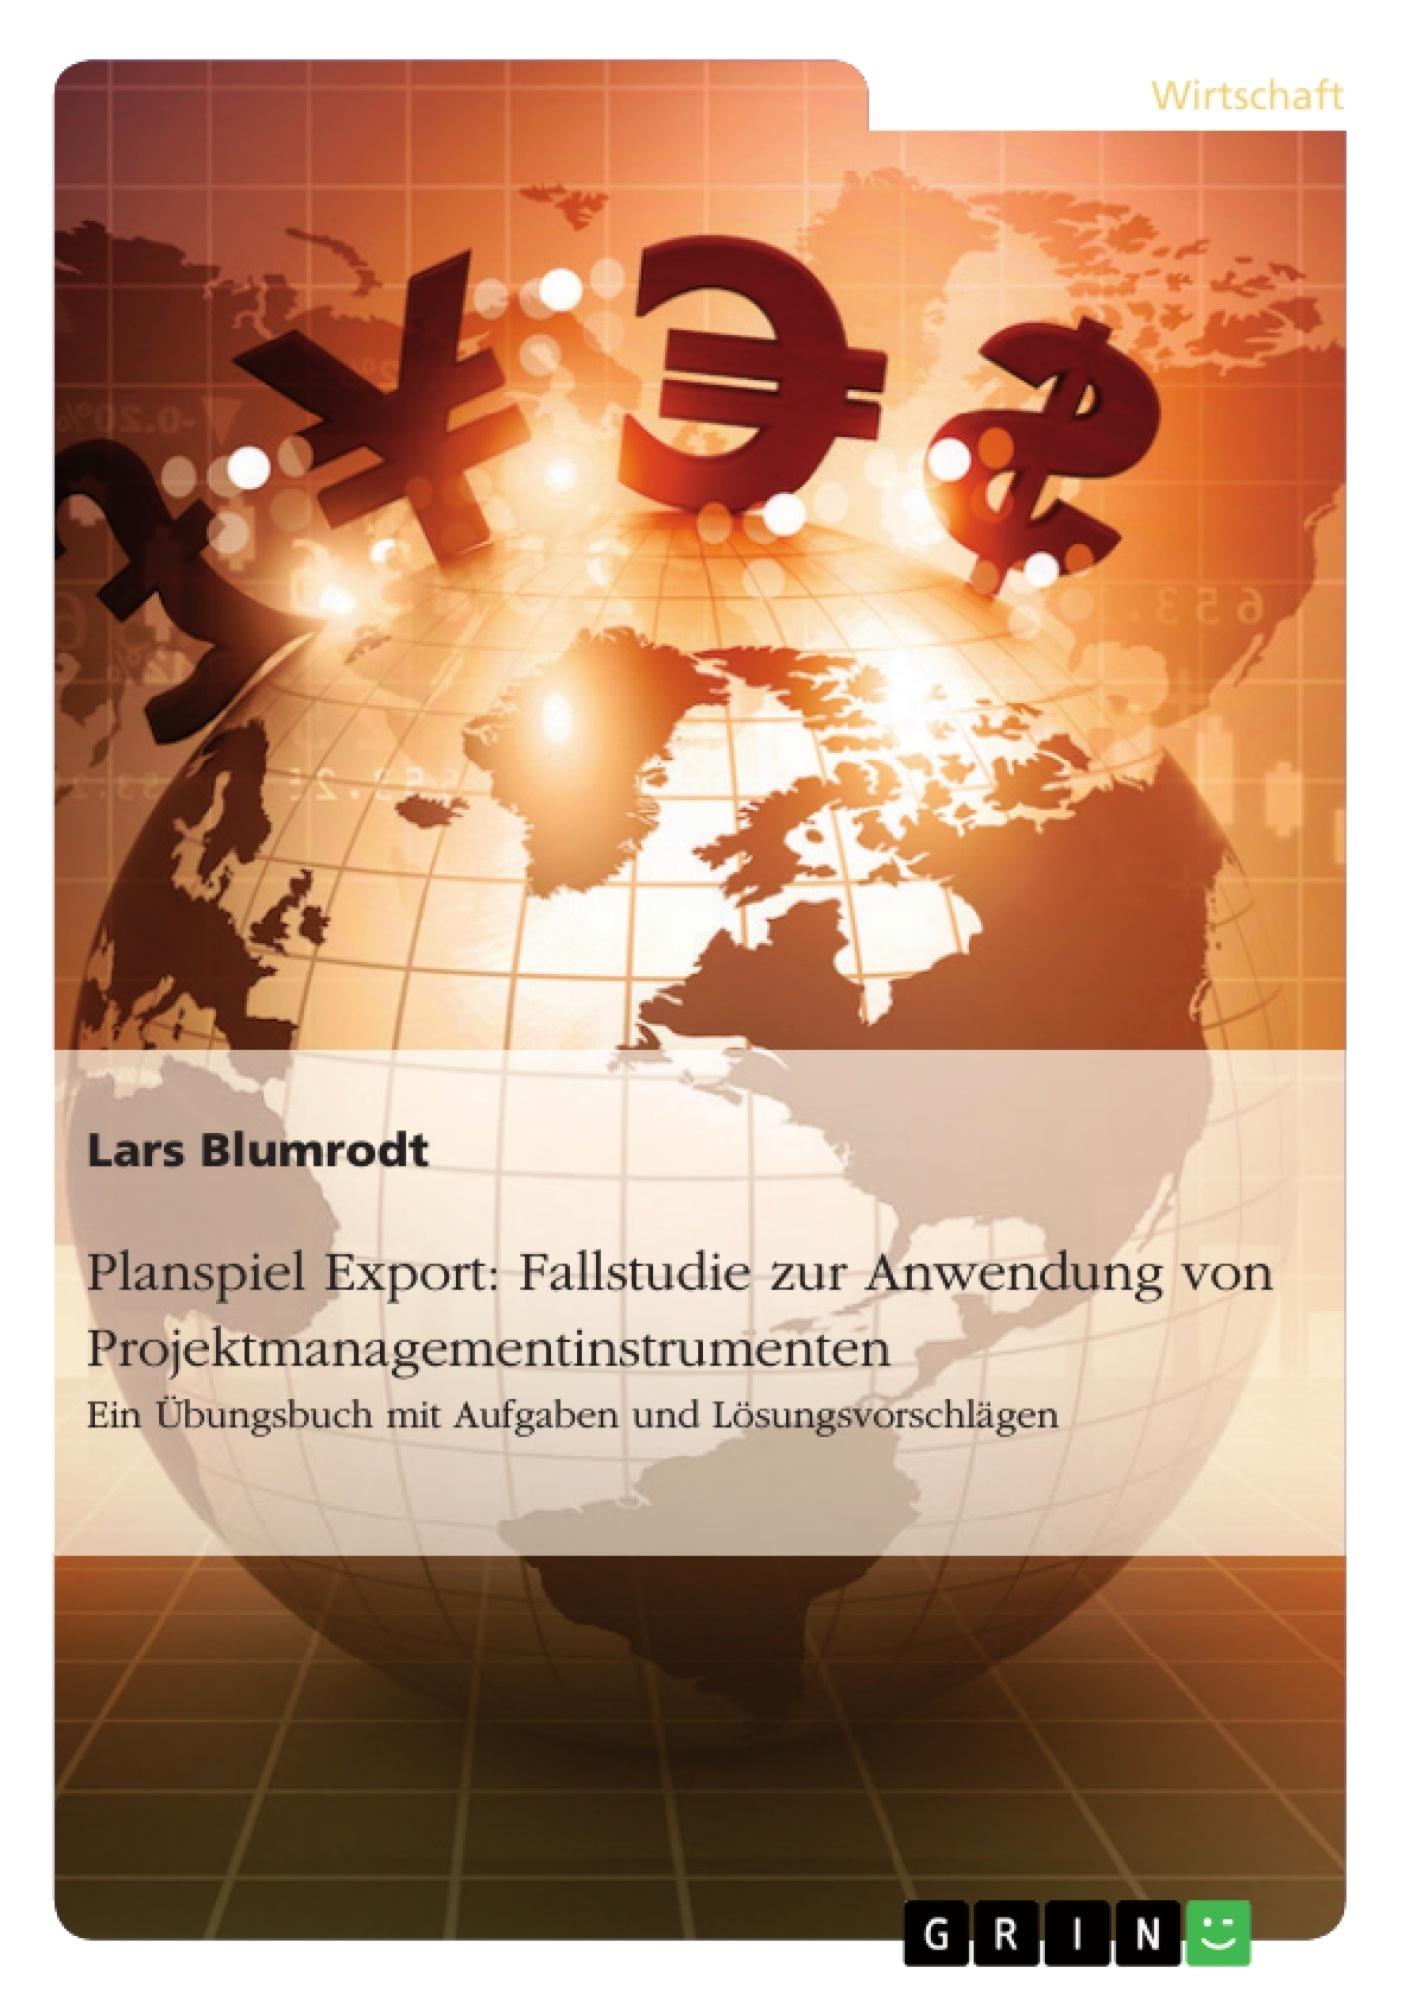 Titel: Planspiel Export: Fallstudie zur Anwendung von Projektmanagementinstrumenten